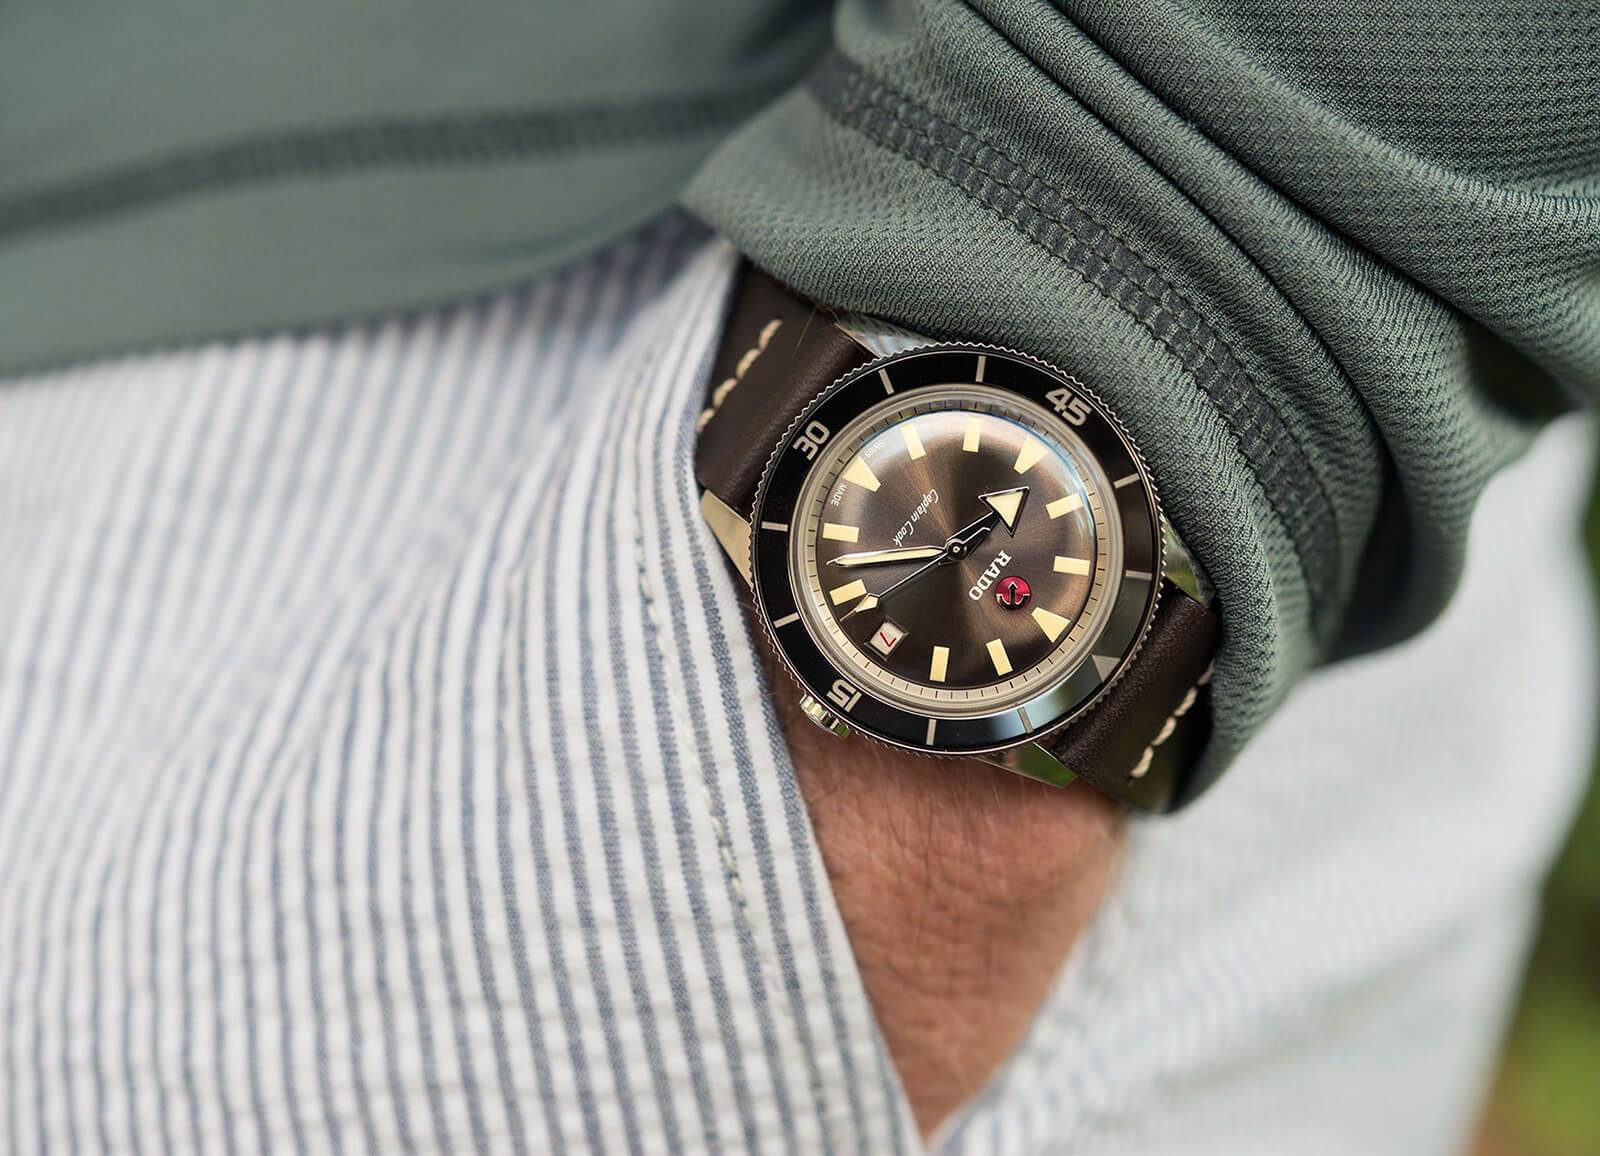 37mm Rado Captain Cook Watch